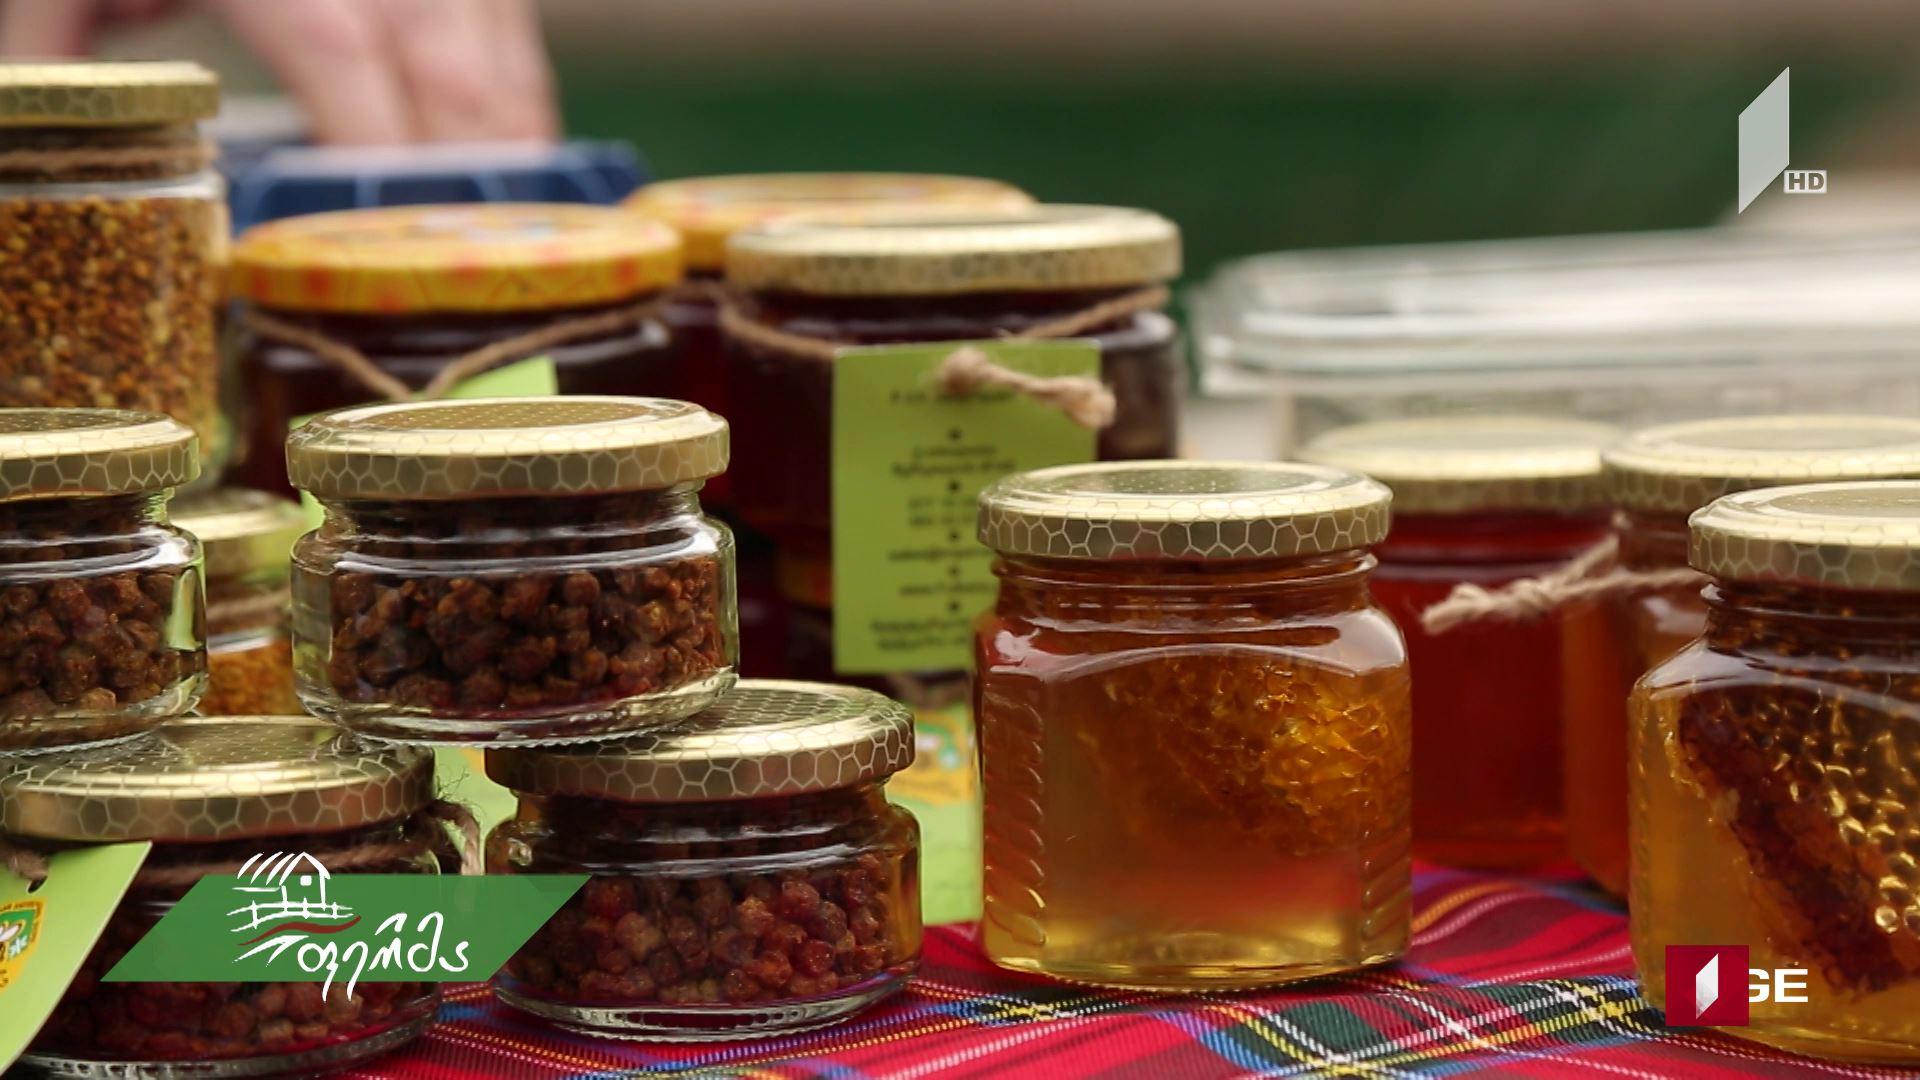 #გაიგემეტი თაფლის ფესტივალი თბილისში